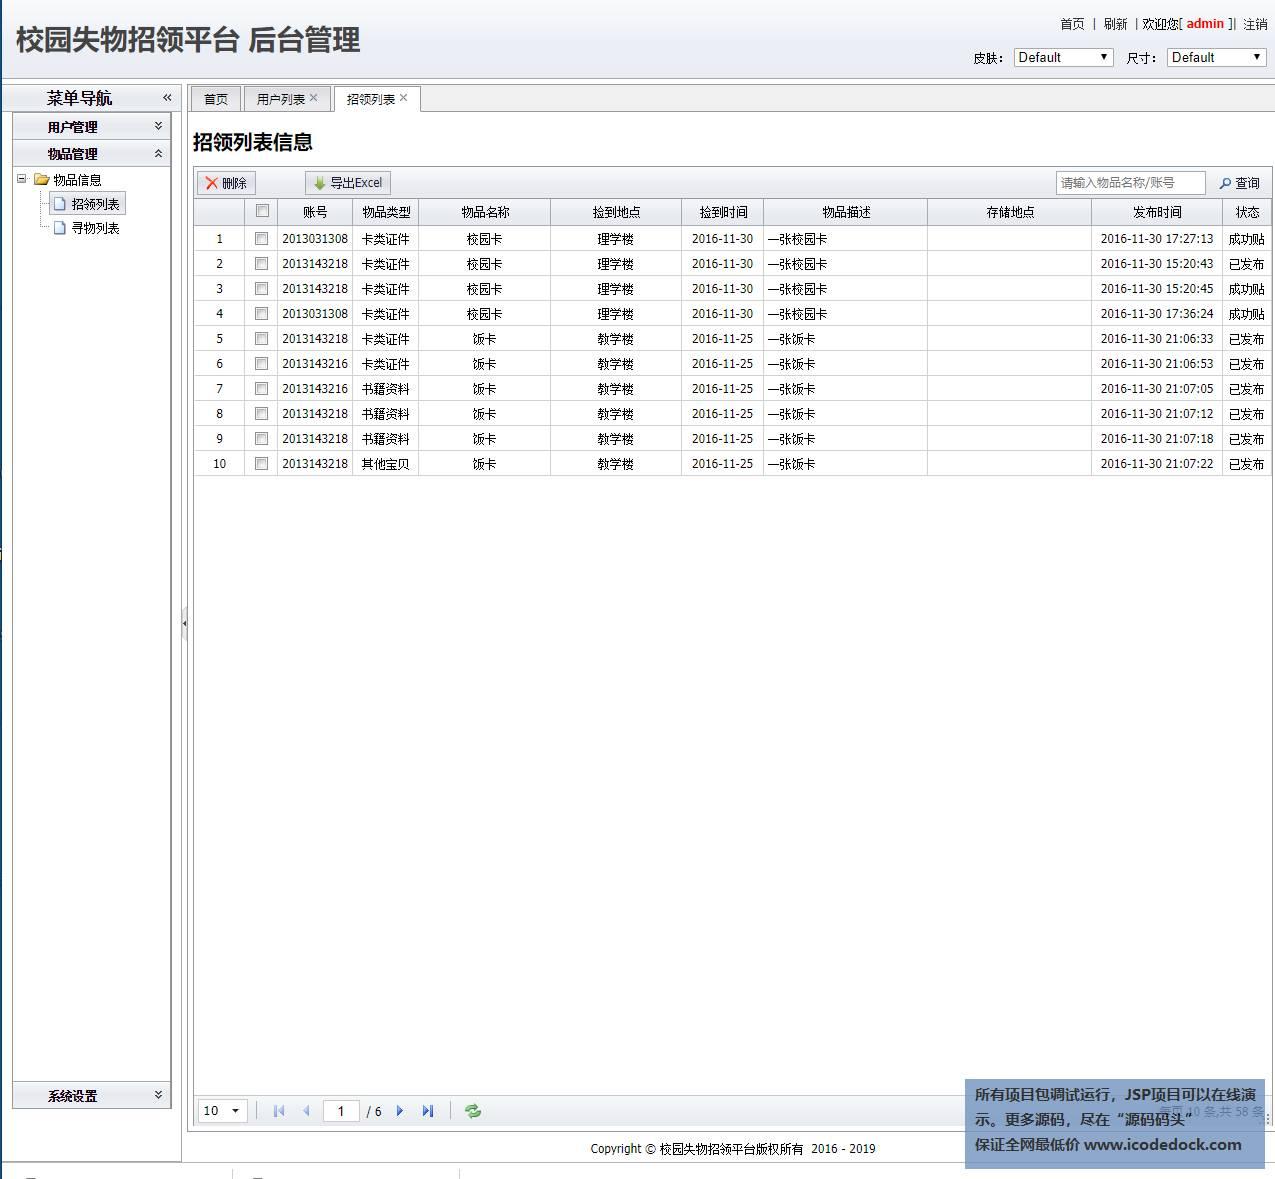 源码码头-SSH失物招领管理系统-管理员角色-招领列表管理